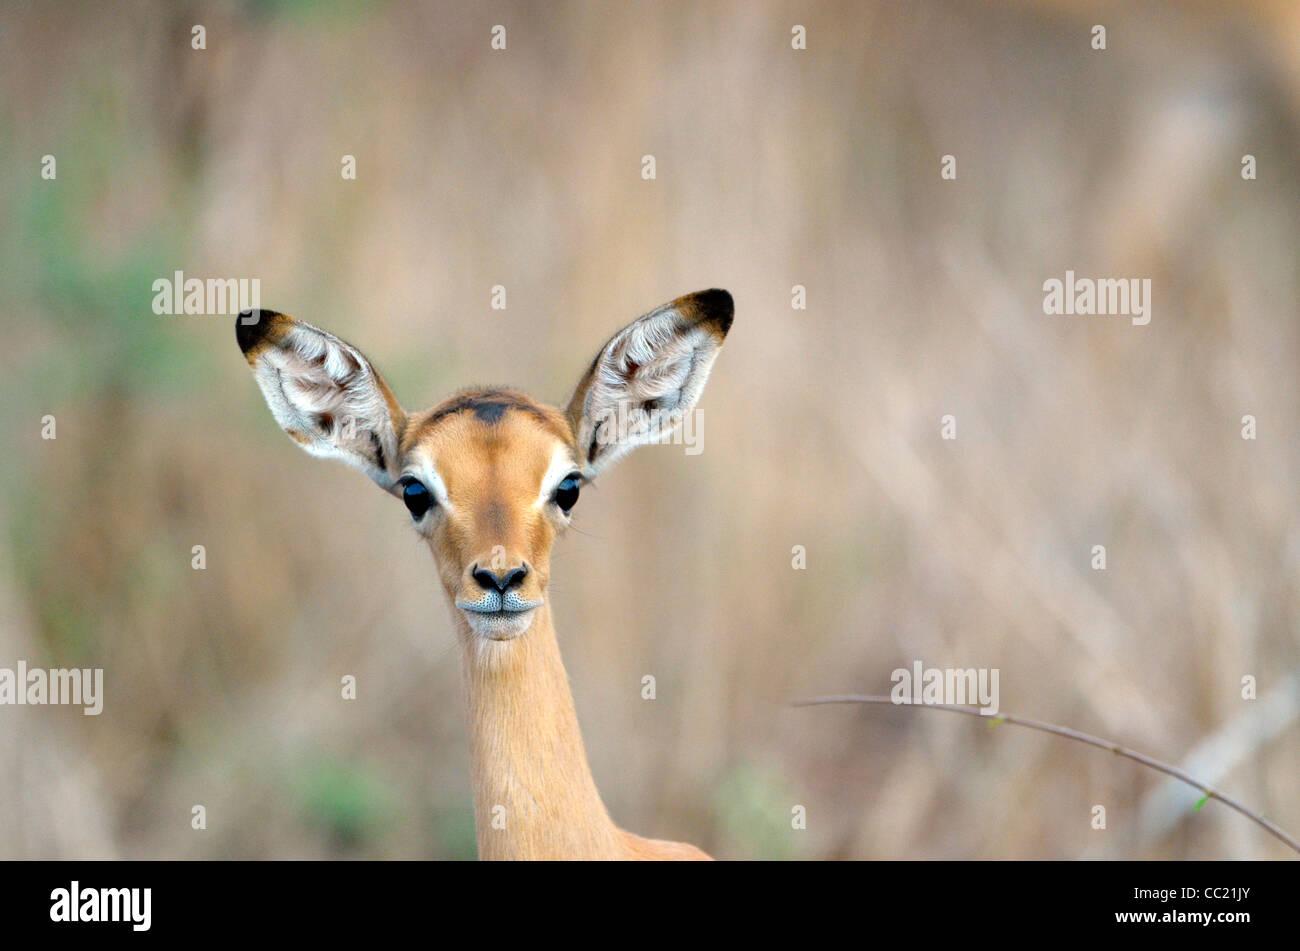 Le parc national Kruger en Afrique du Sud est célèbre pour le visionnement de jeu à des prix abordables. Photo Stock